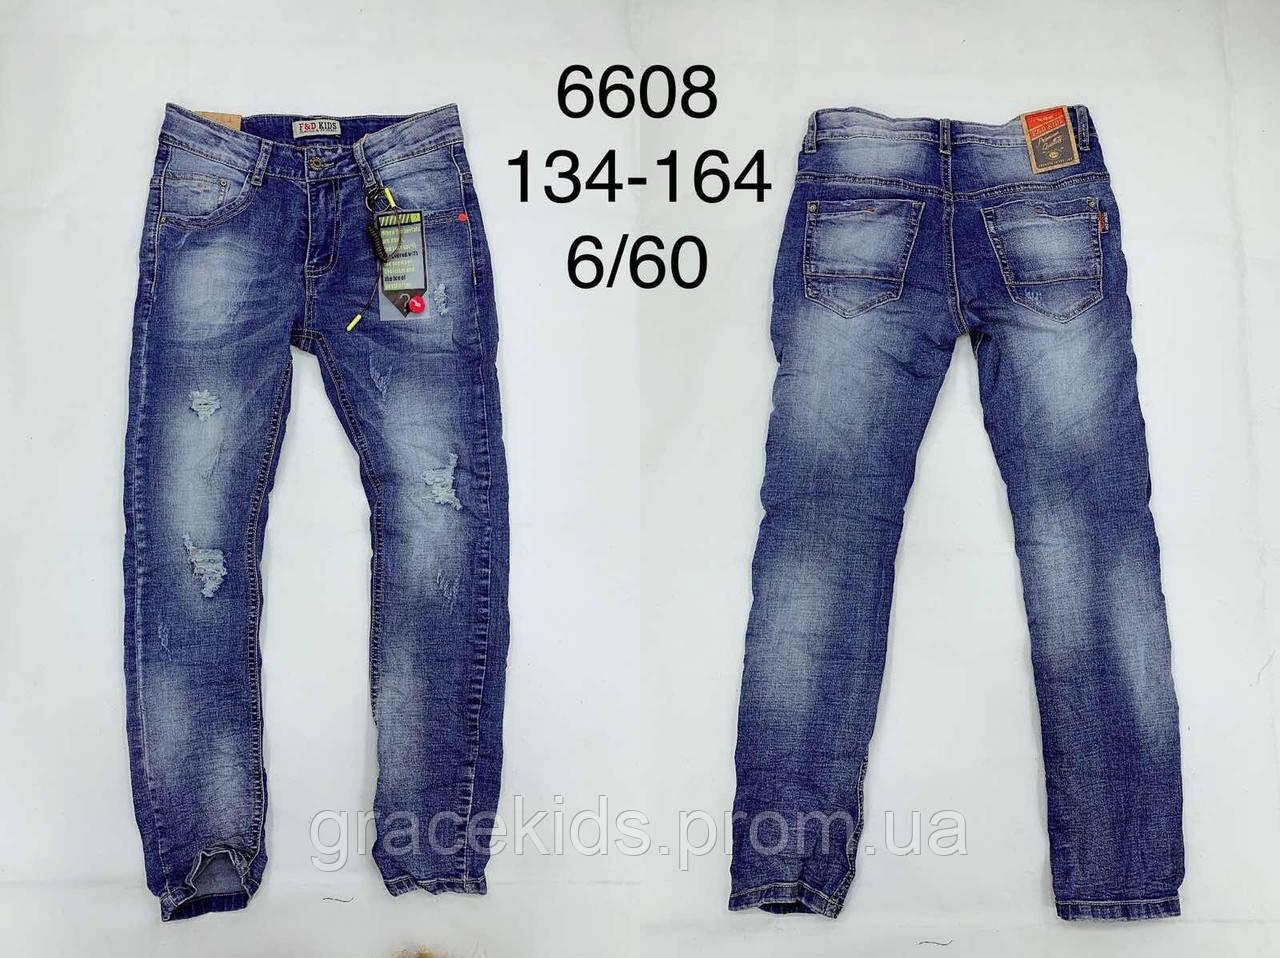 Модные джинсы для мальчиков подростков FD Kids,разм 134-164 см